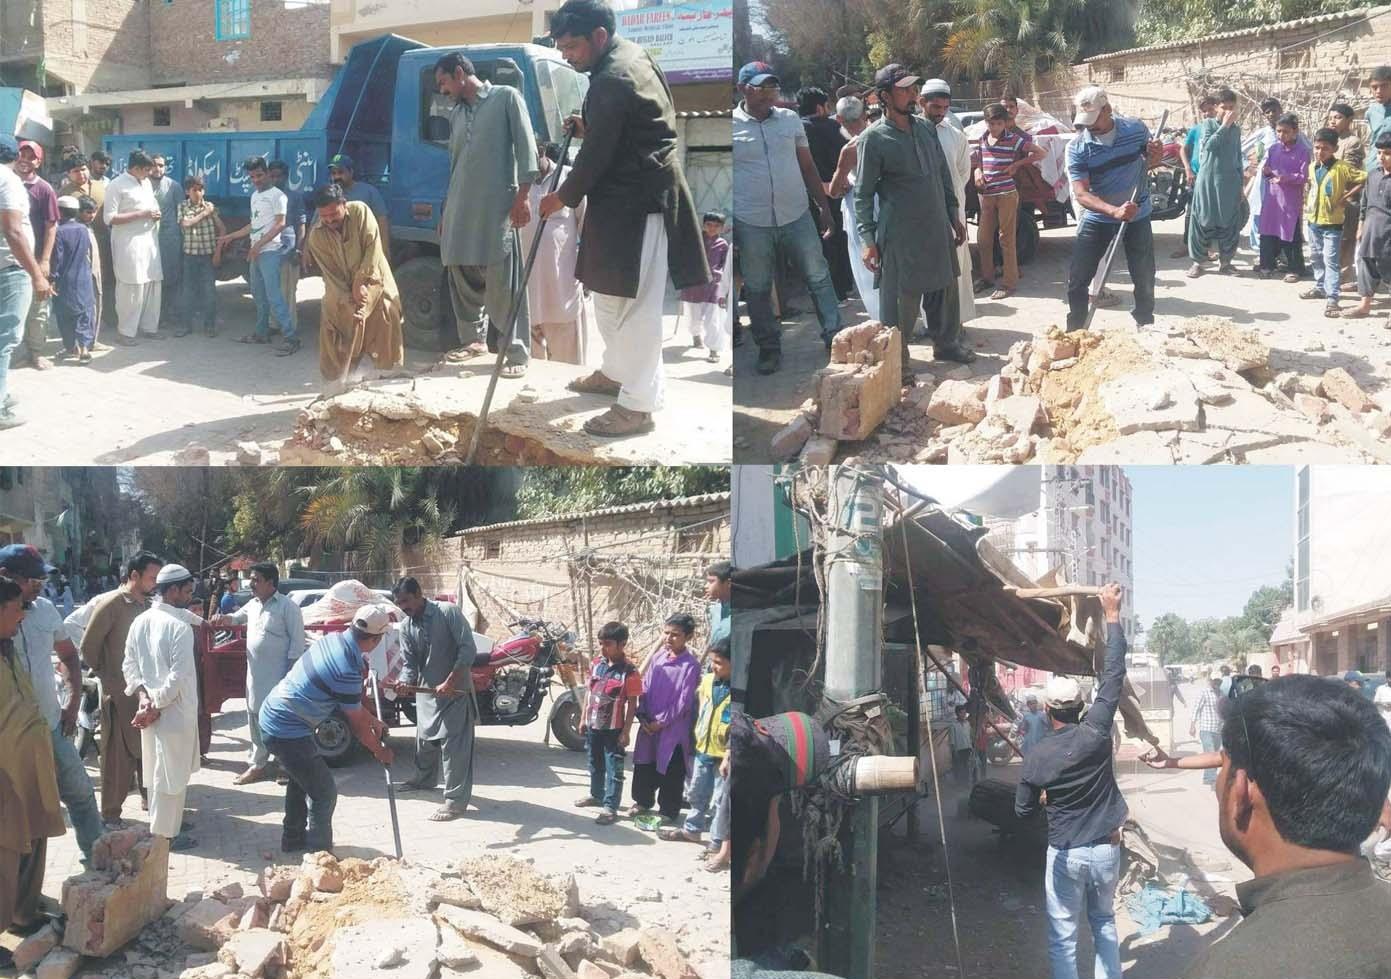 حیدرآباد،انسداد تجاوزات کا عملہ جی او آر کالونی میں تجاوزات مسمار کررہا ہے